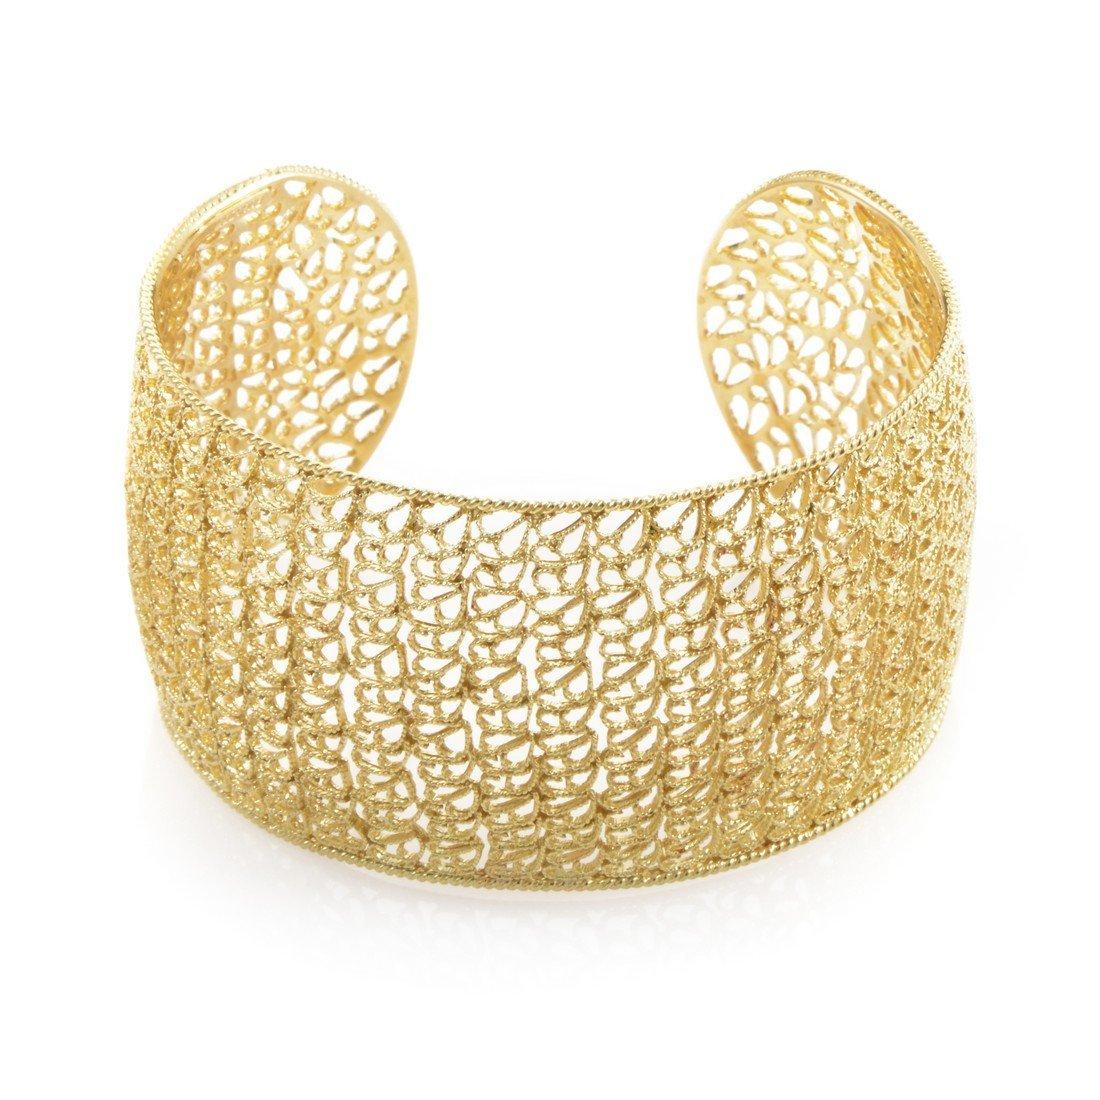 Filidoro 18K Yellow Gold Cuff Bracelet